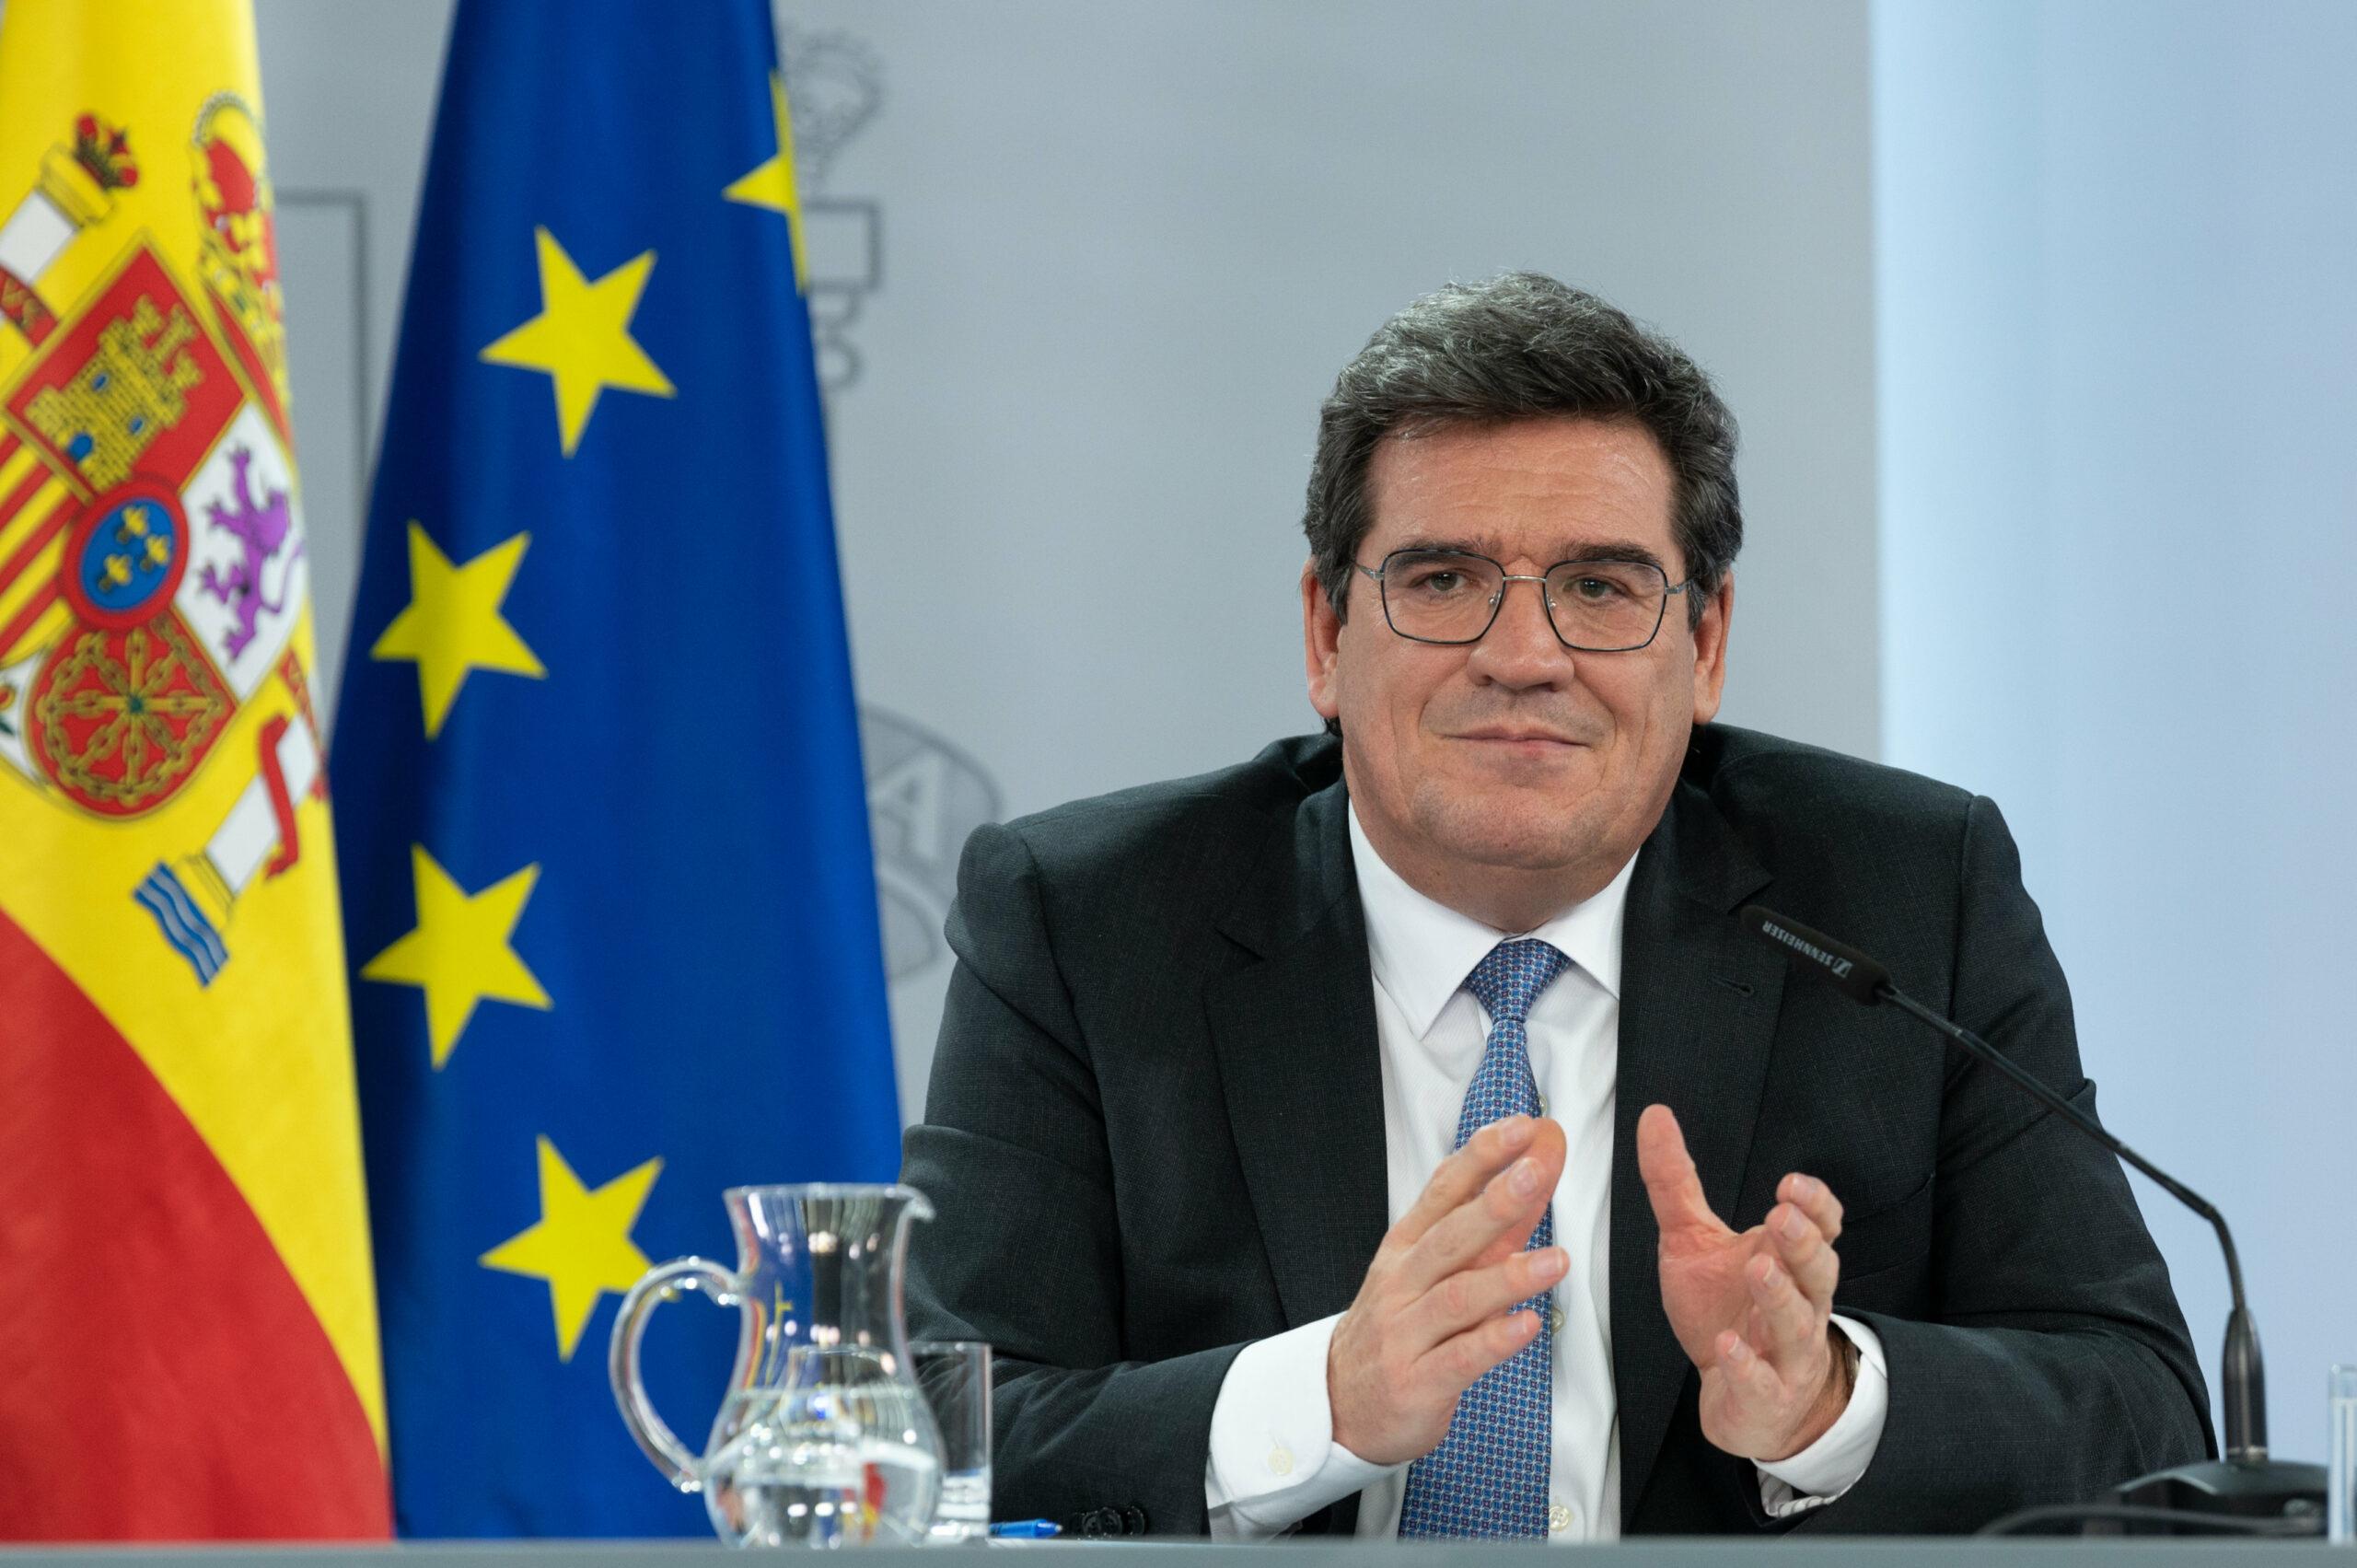 El ministre espanyol d'Inclusió, Seguretat Social i Migracions, José Luis Escrivá, el 2 de febrer del 2021 / ACN